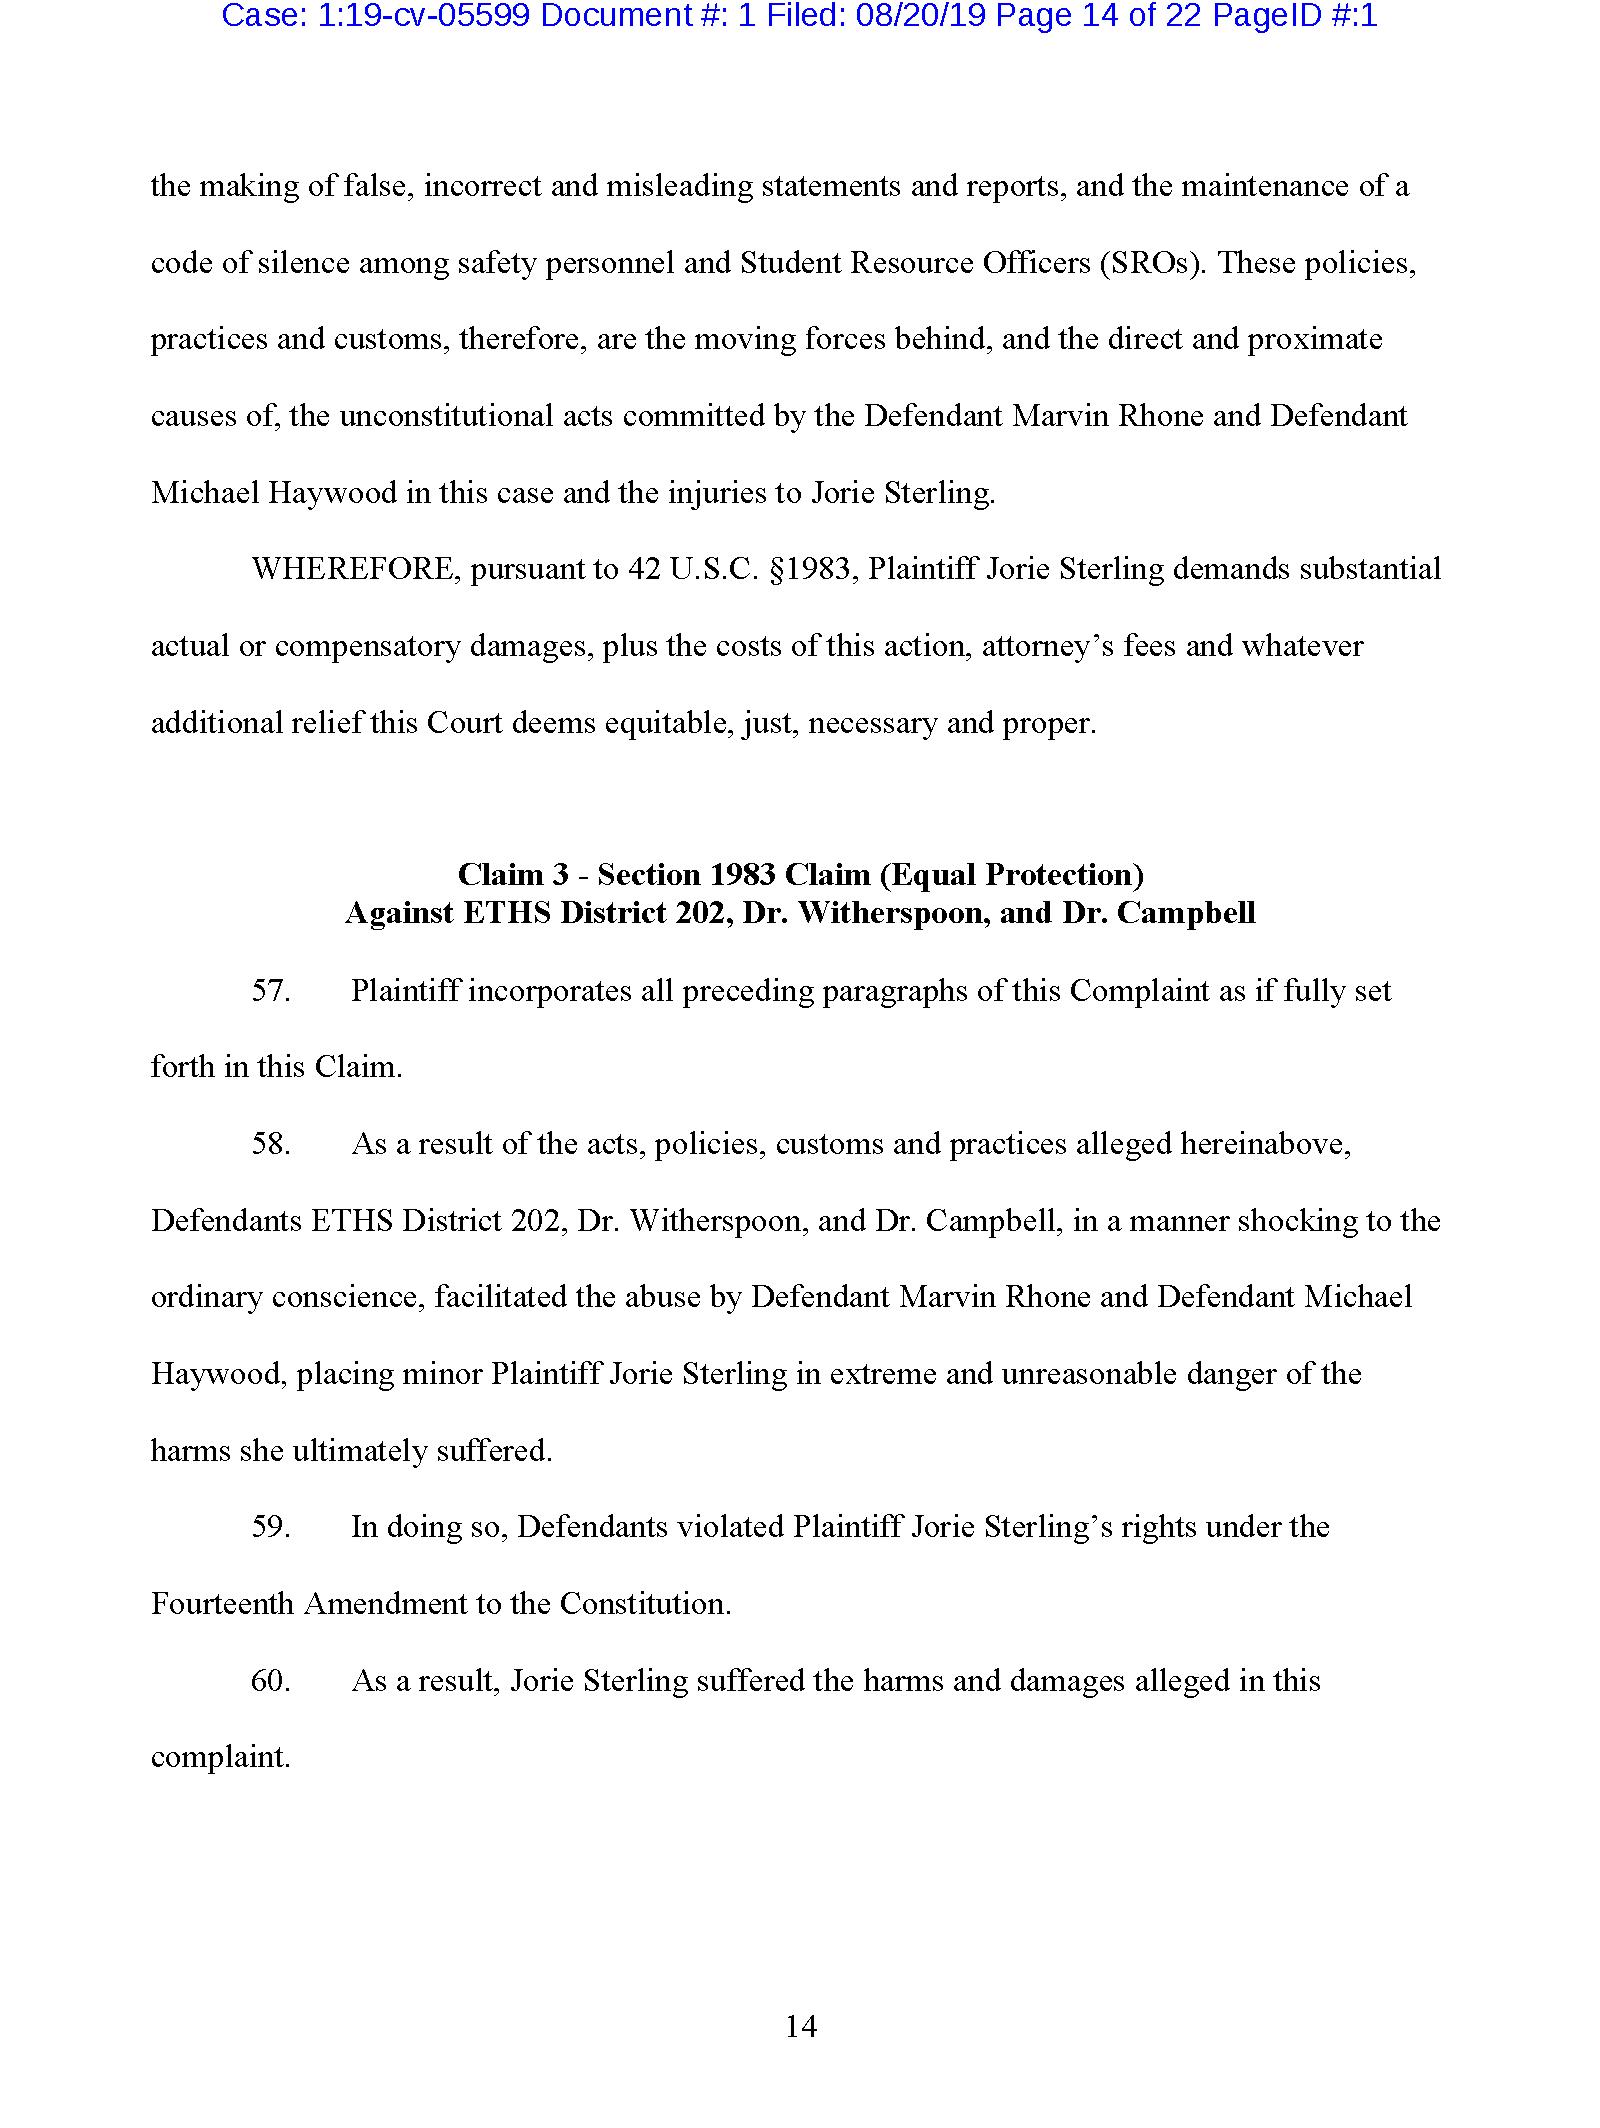 Copy of Complaint0114.png